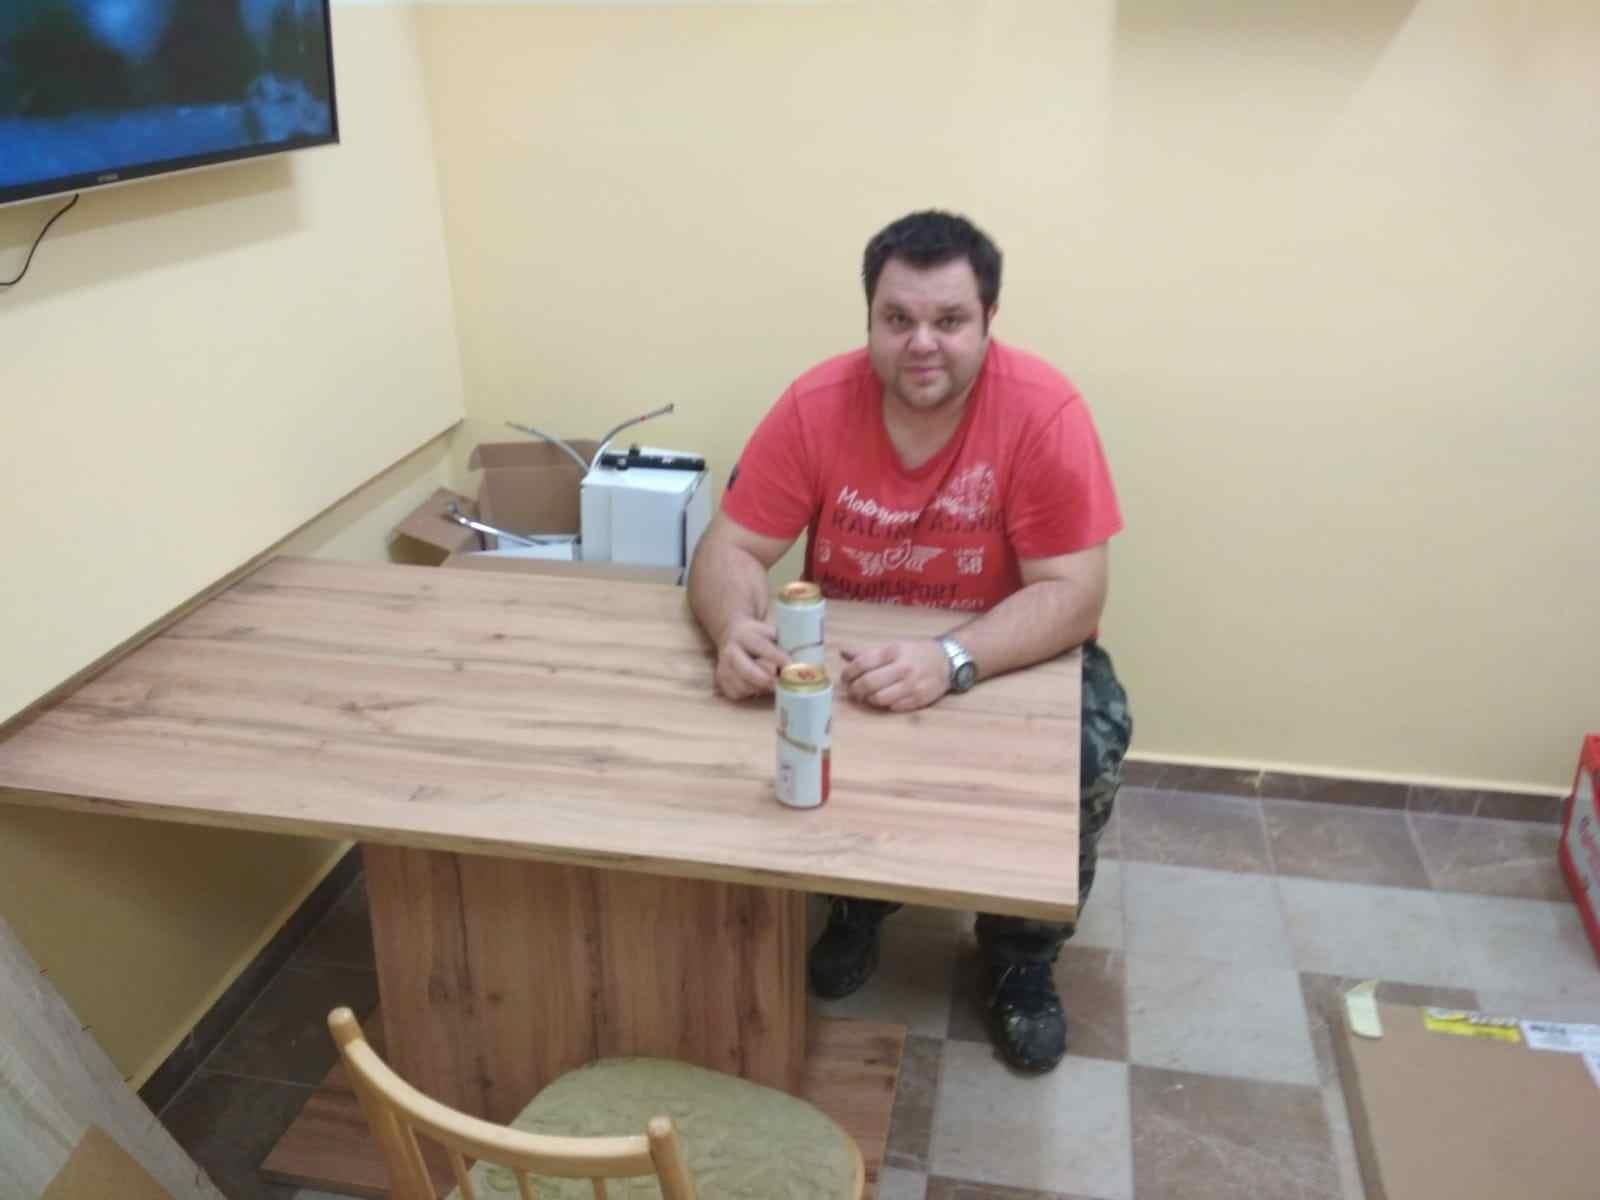 Budovani_klubovny_IMG-20191223-WA0000